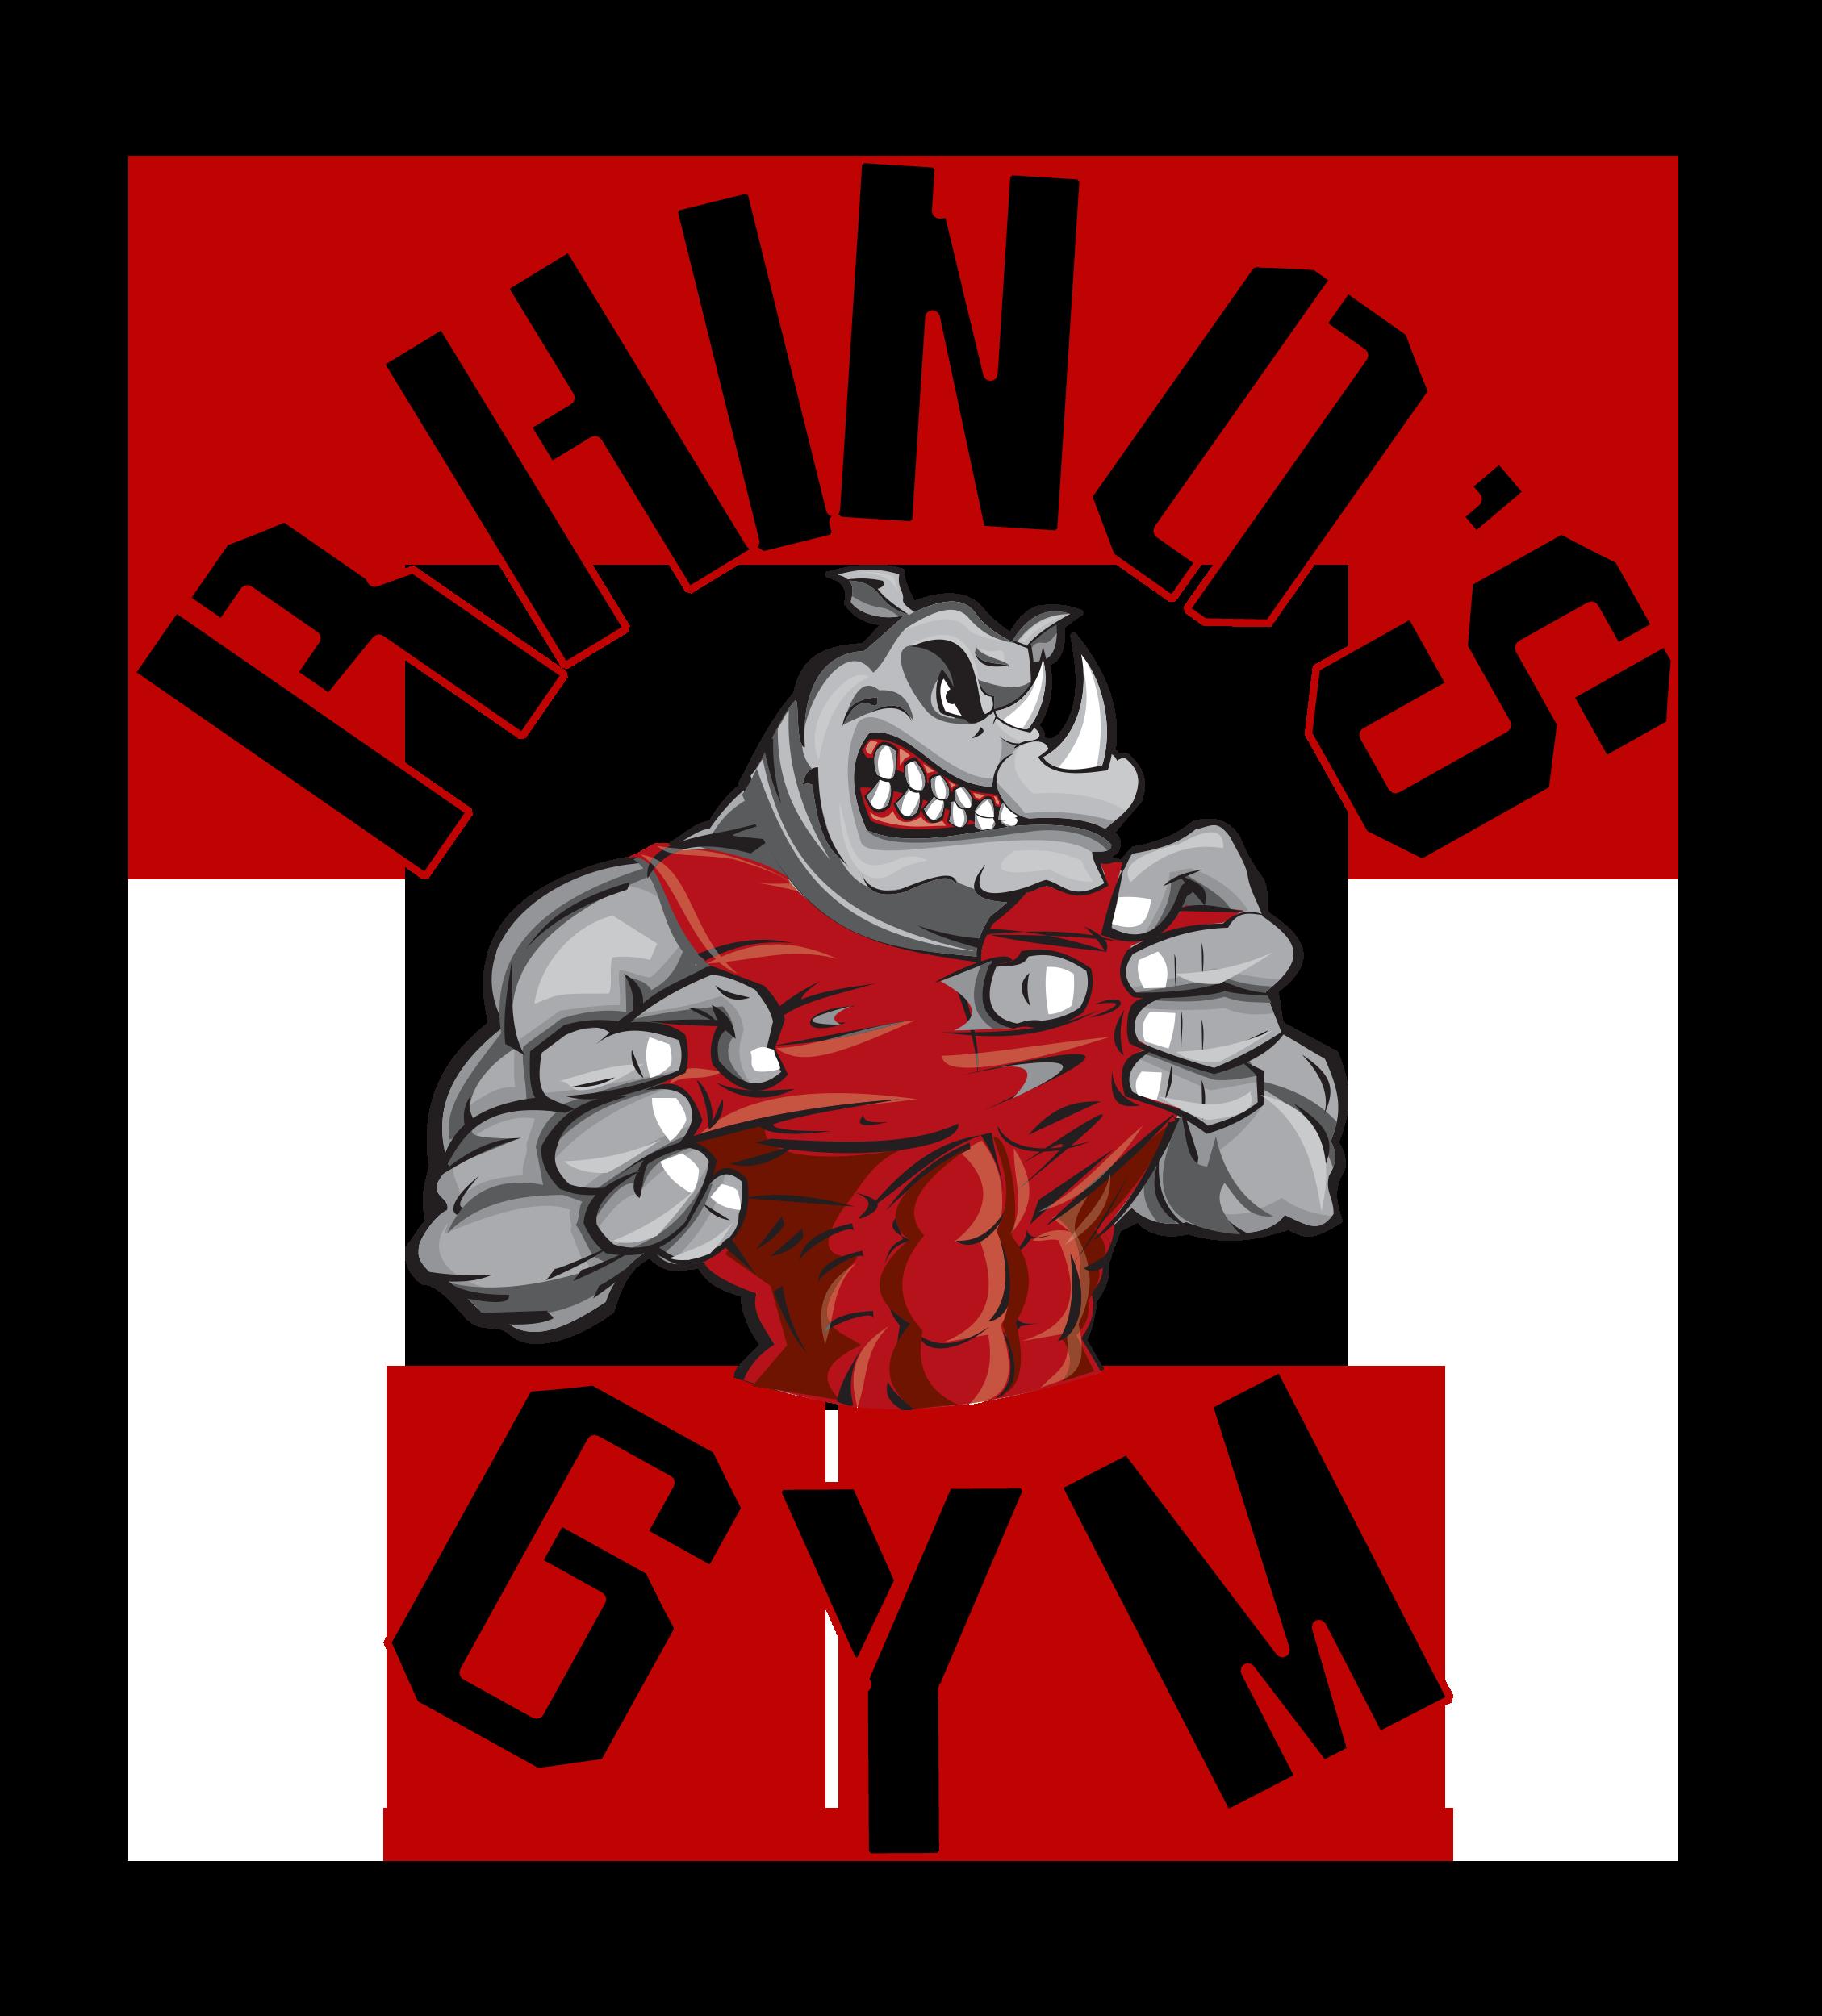 Rhino's Gym